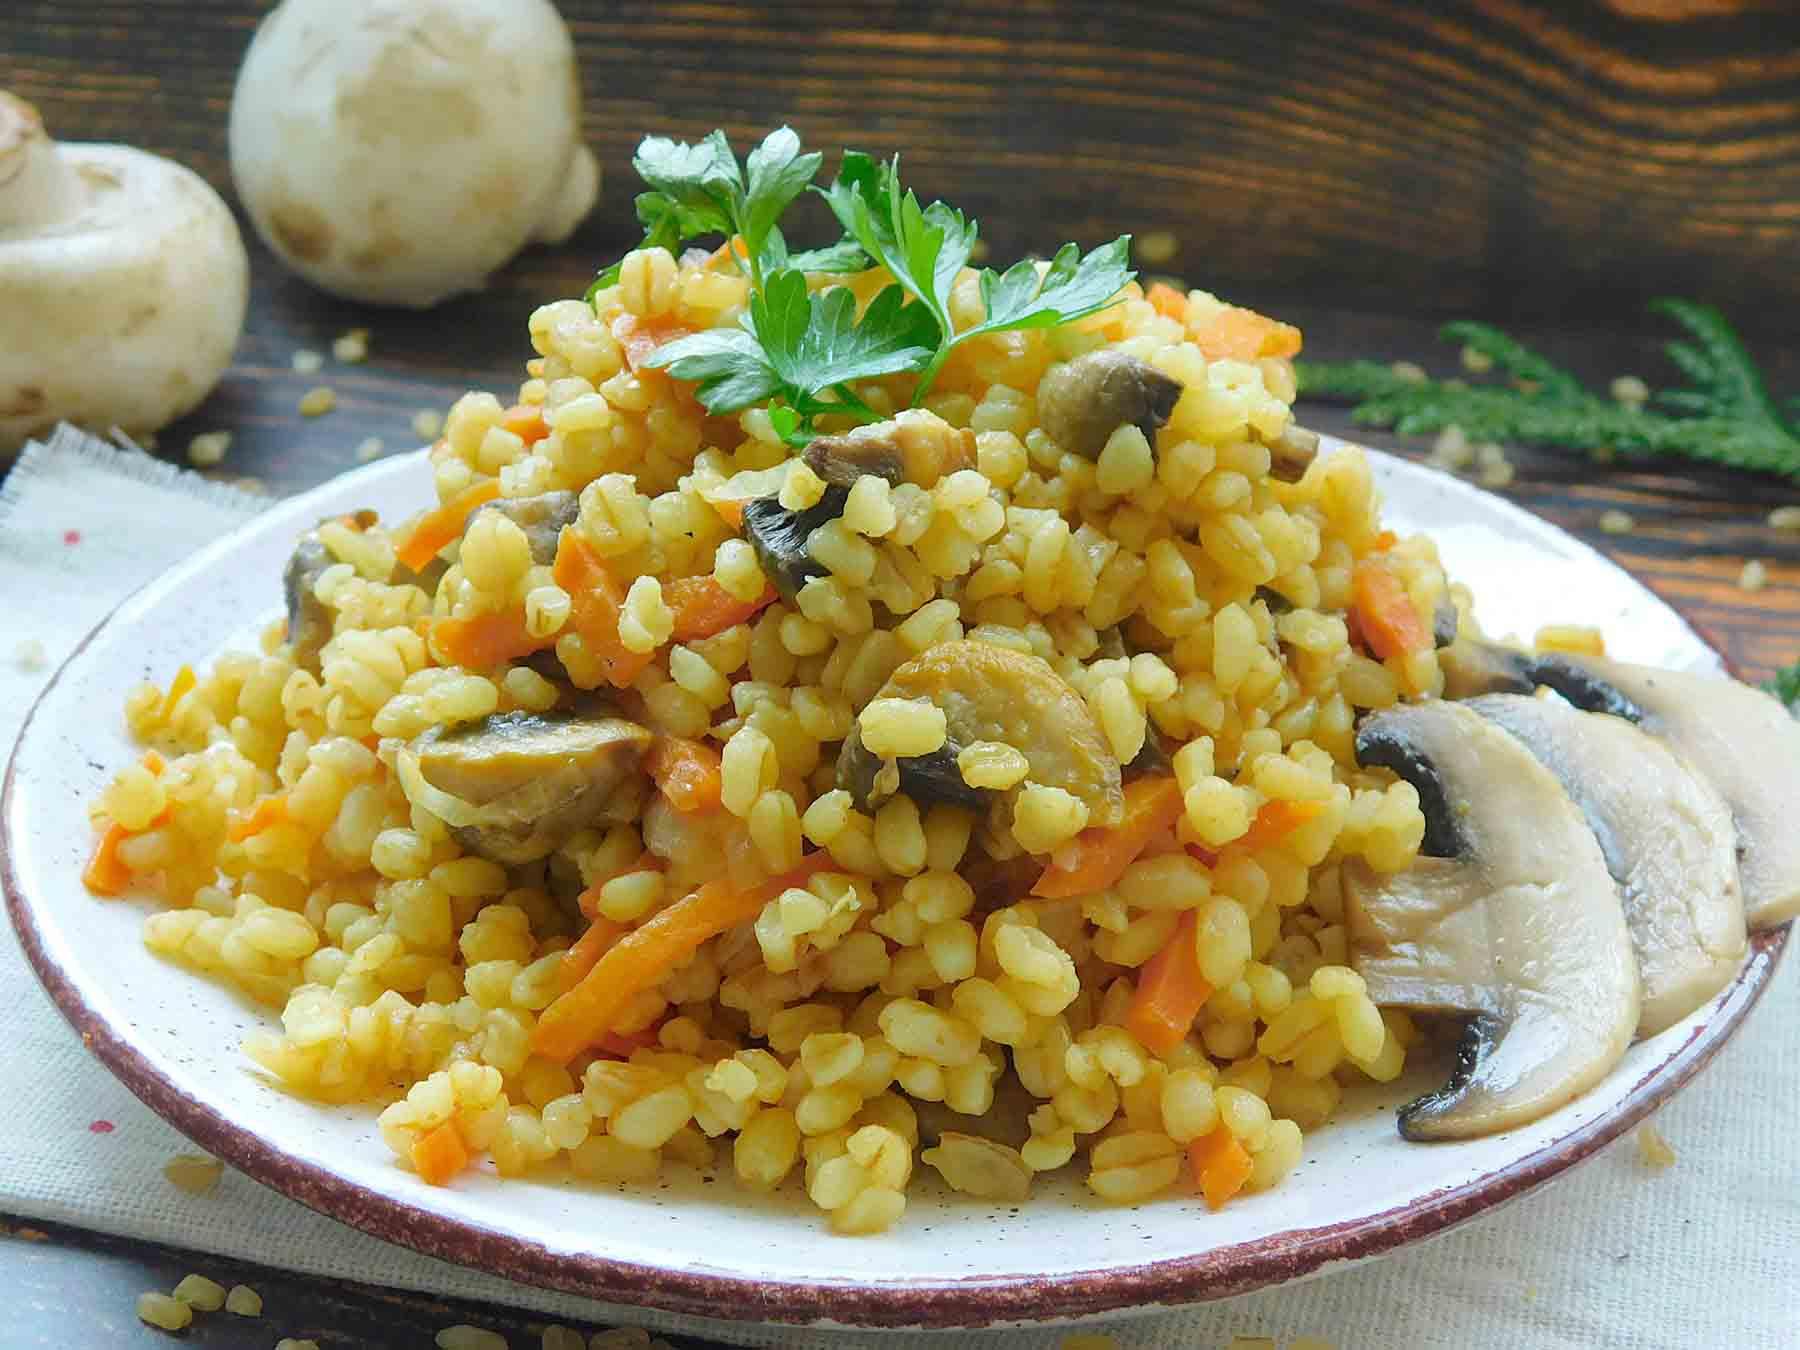 готовая порция булгура с грибами